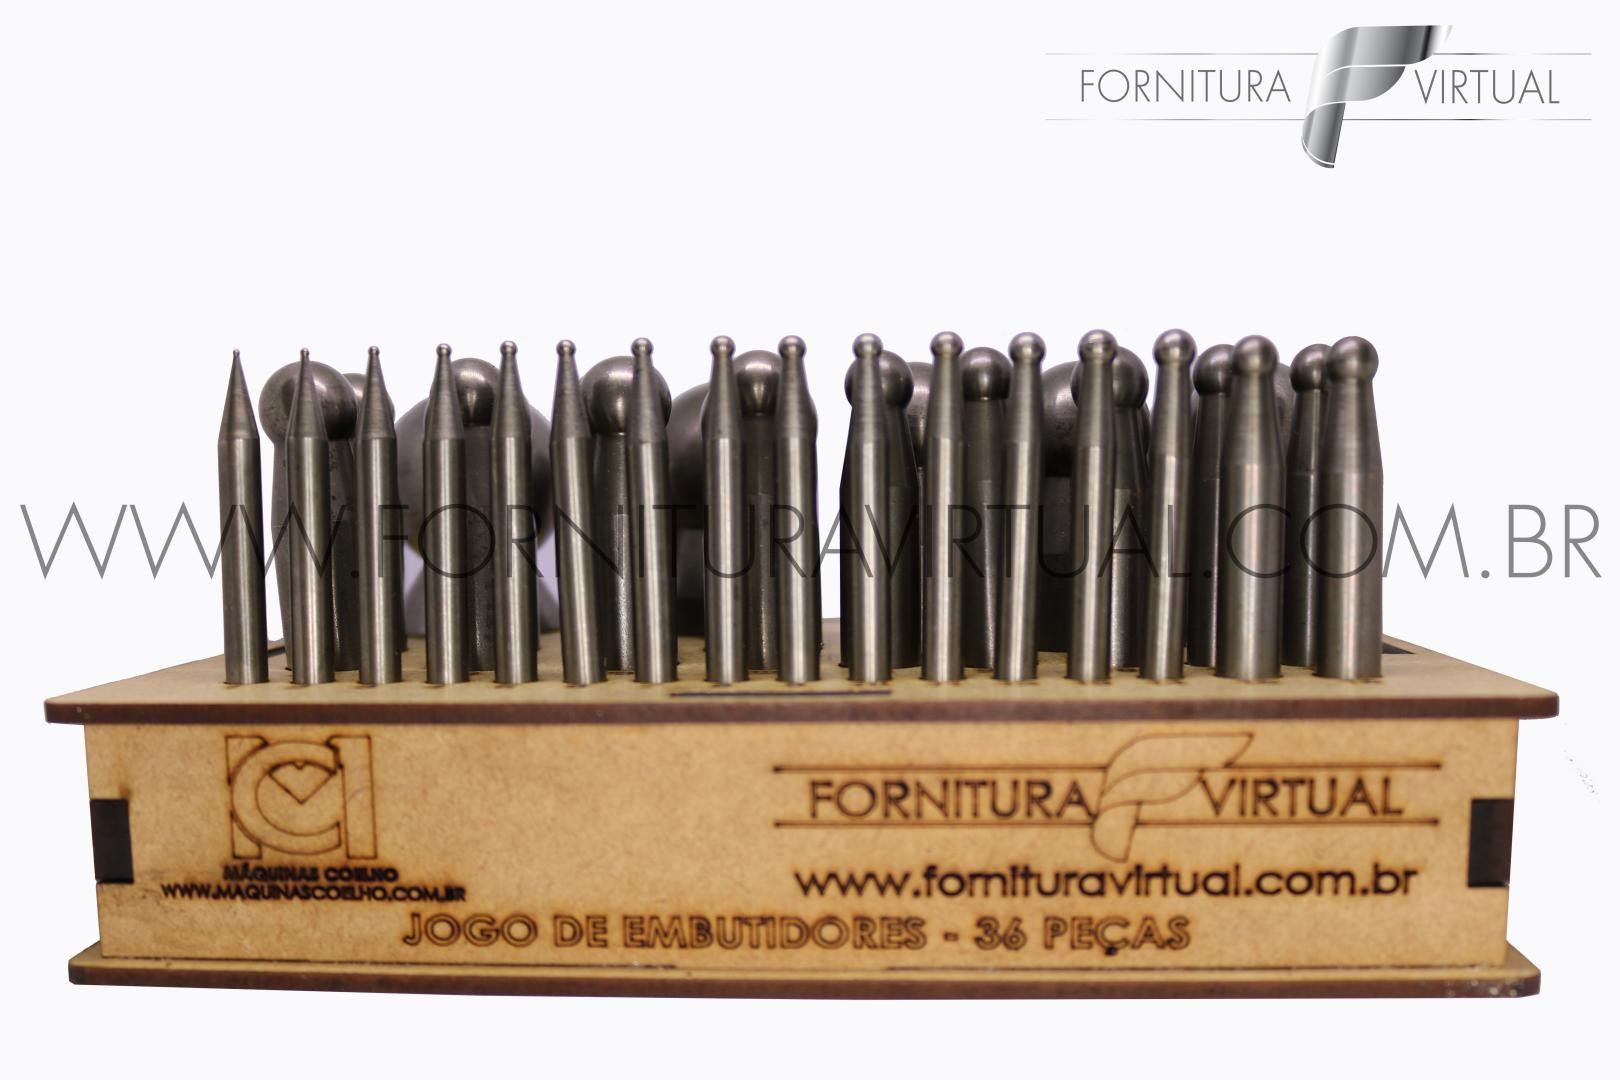 Jogo de Embutidores em aço - 36 Peças - Máquinas Coelho